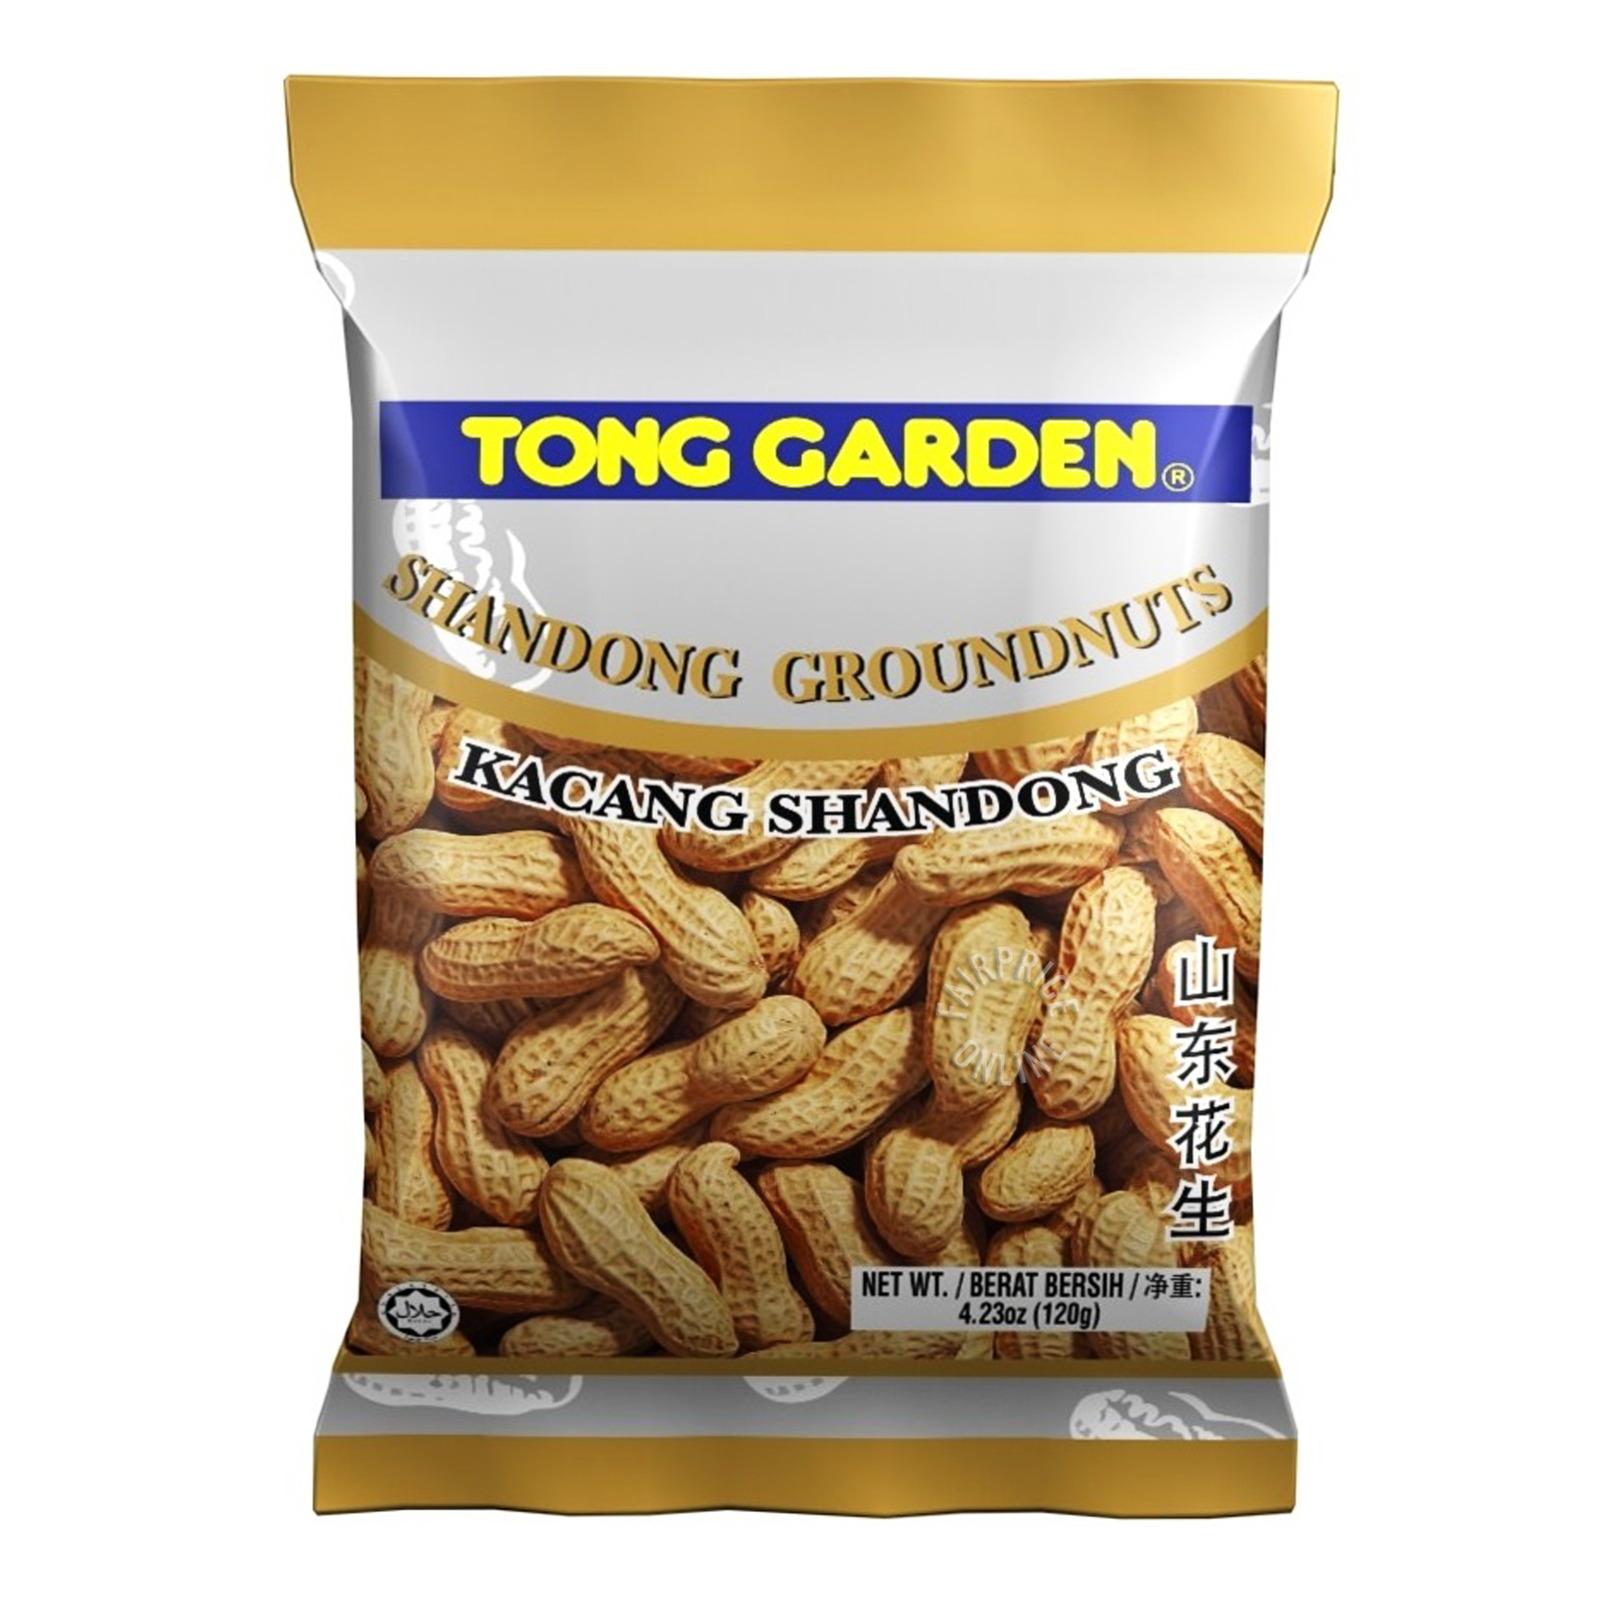 TONG GARDEN Shandong Groundnut 120g